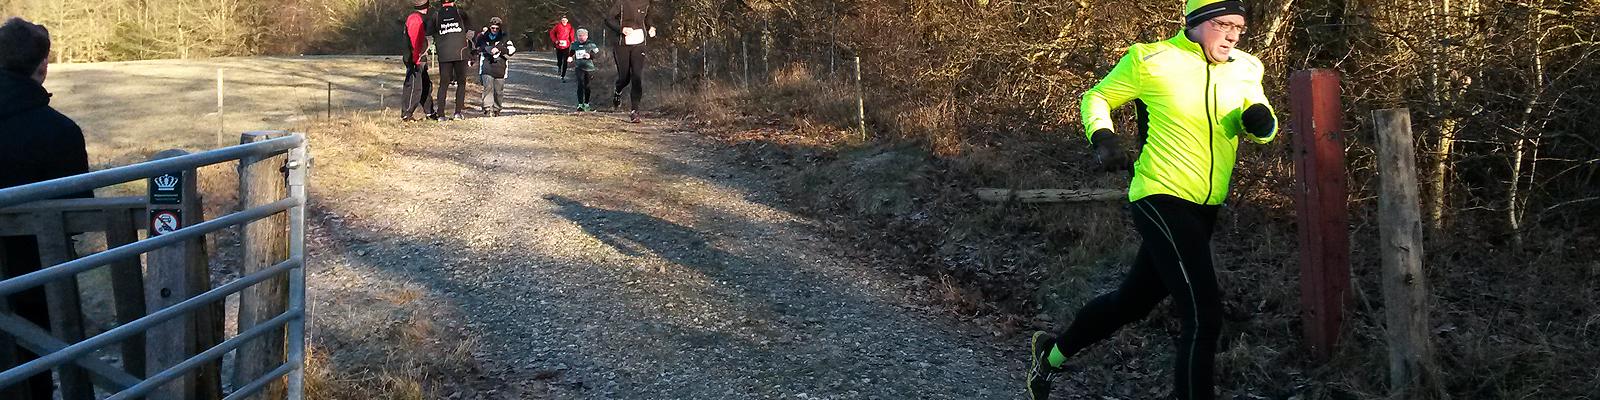 Fun run on flat foot - inspiration til løb på forfod og flad fod